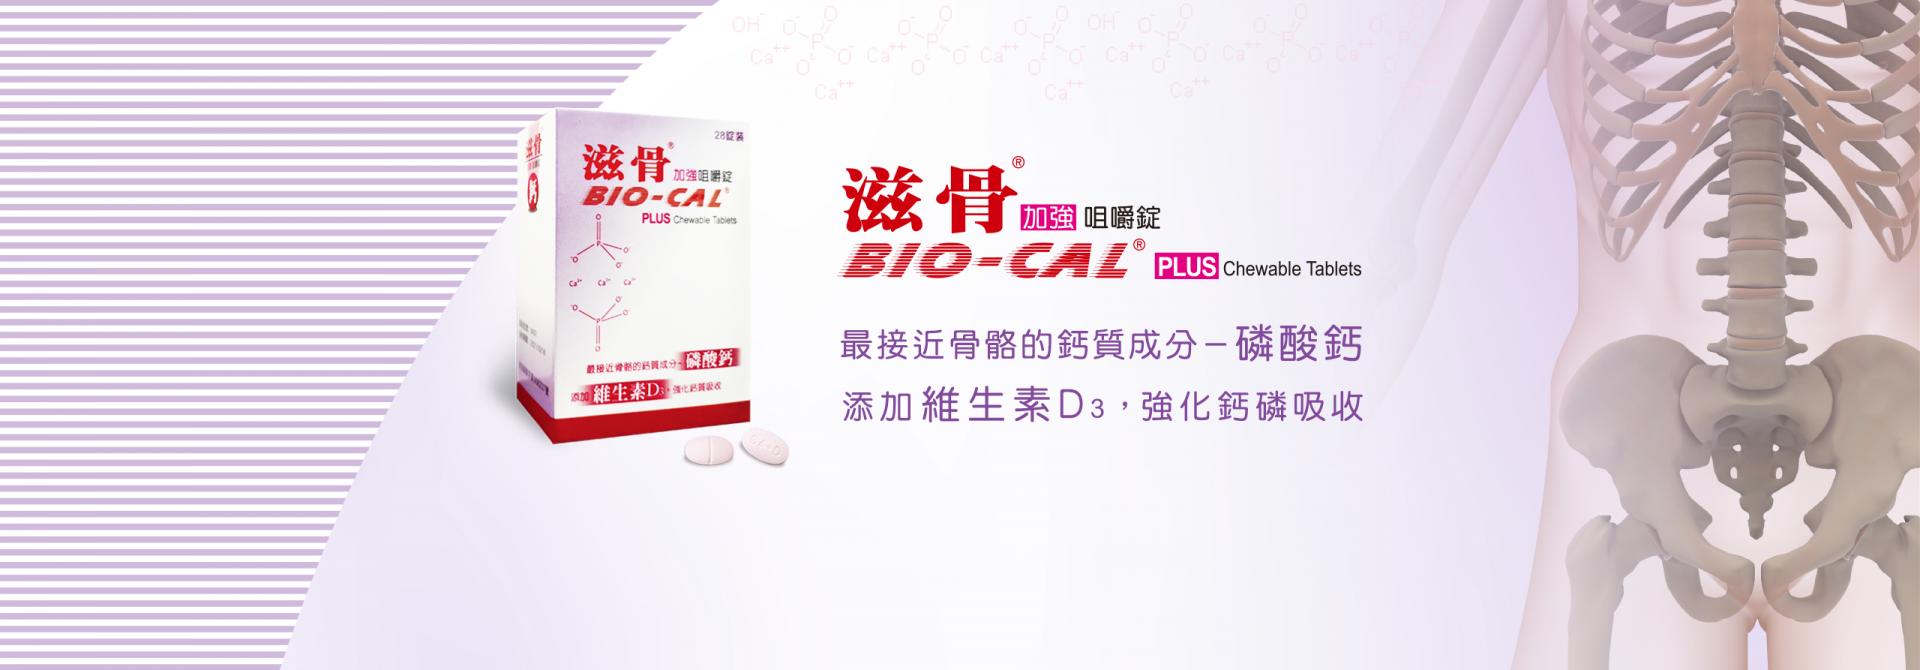 滋骨,滋骨加強咀嚼錠,鈣計較,磷酸鈣,滋骨鈣片,東洋